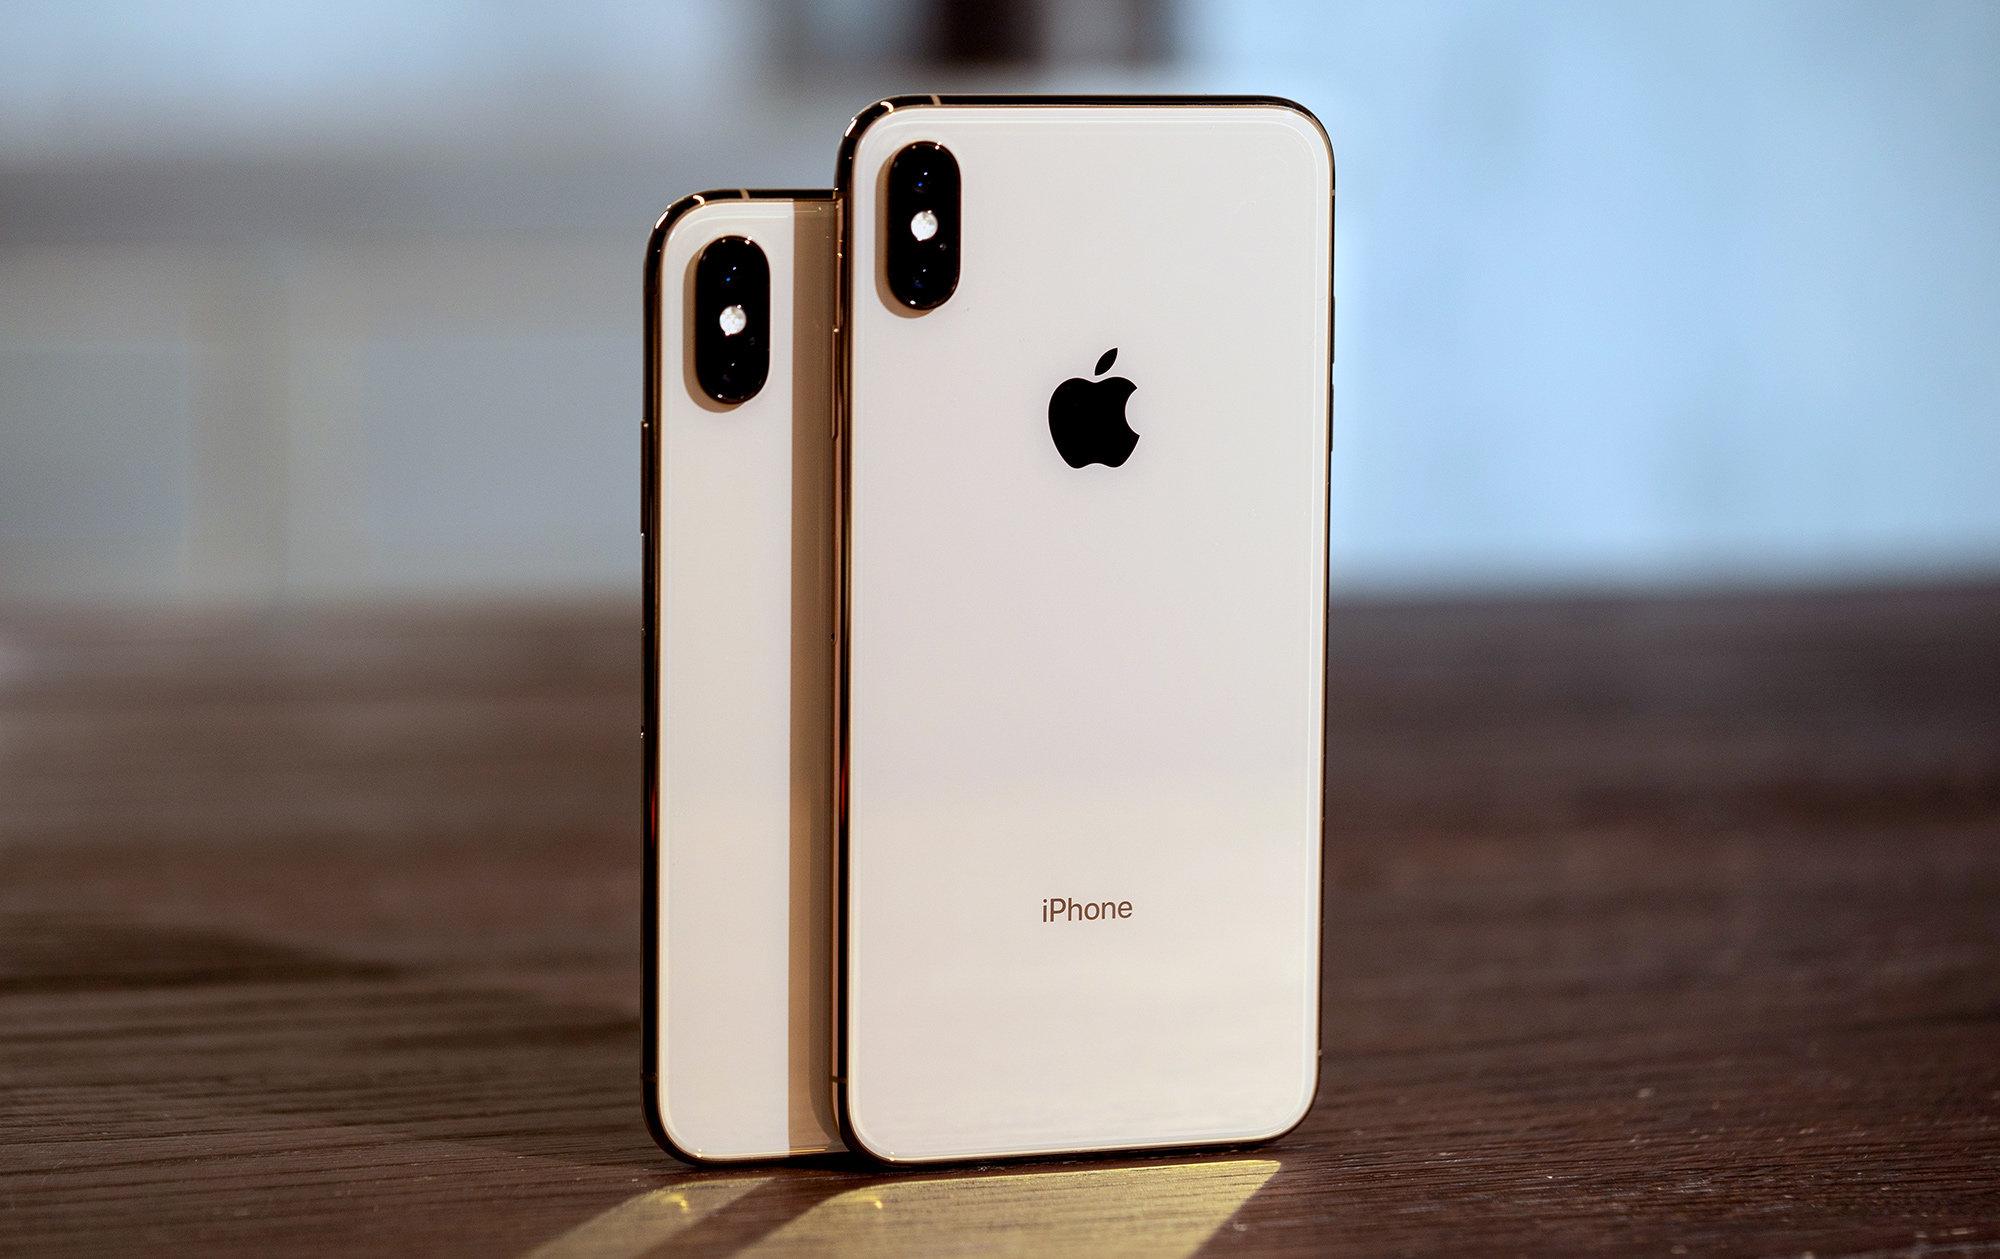 ¿Cuántos días laborales se necesitan para comprar un iPhone XS?